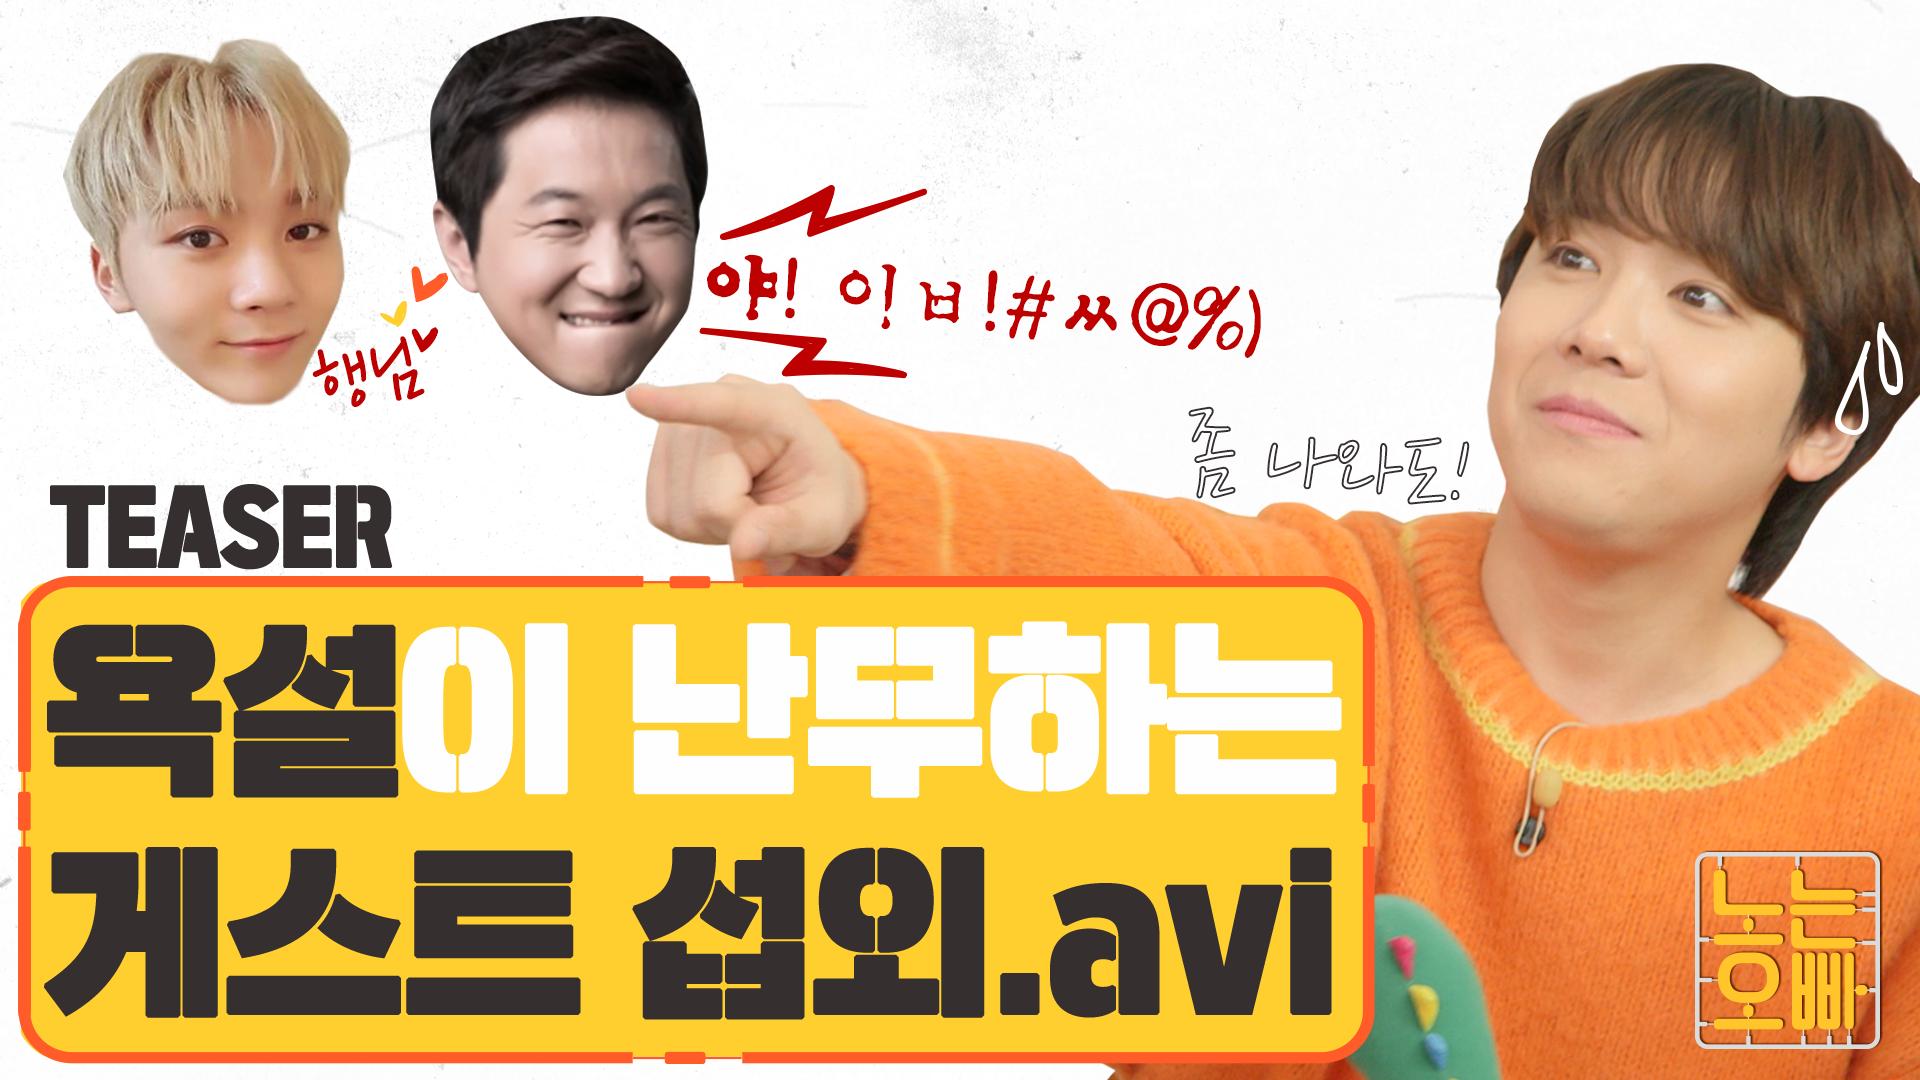 아이돌룸에 선전포고하는 이홍기ㅋㅋㅋ [노는 오빠] Teaser (feat. 세븐틴 승관)